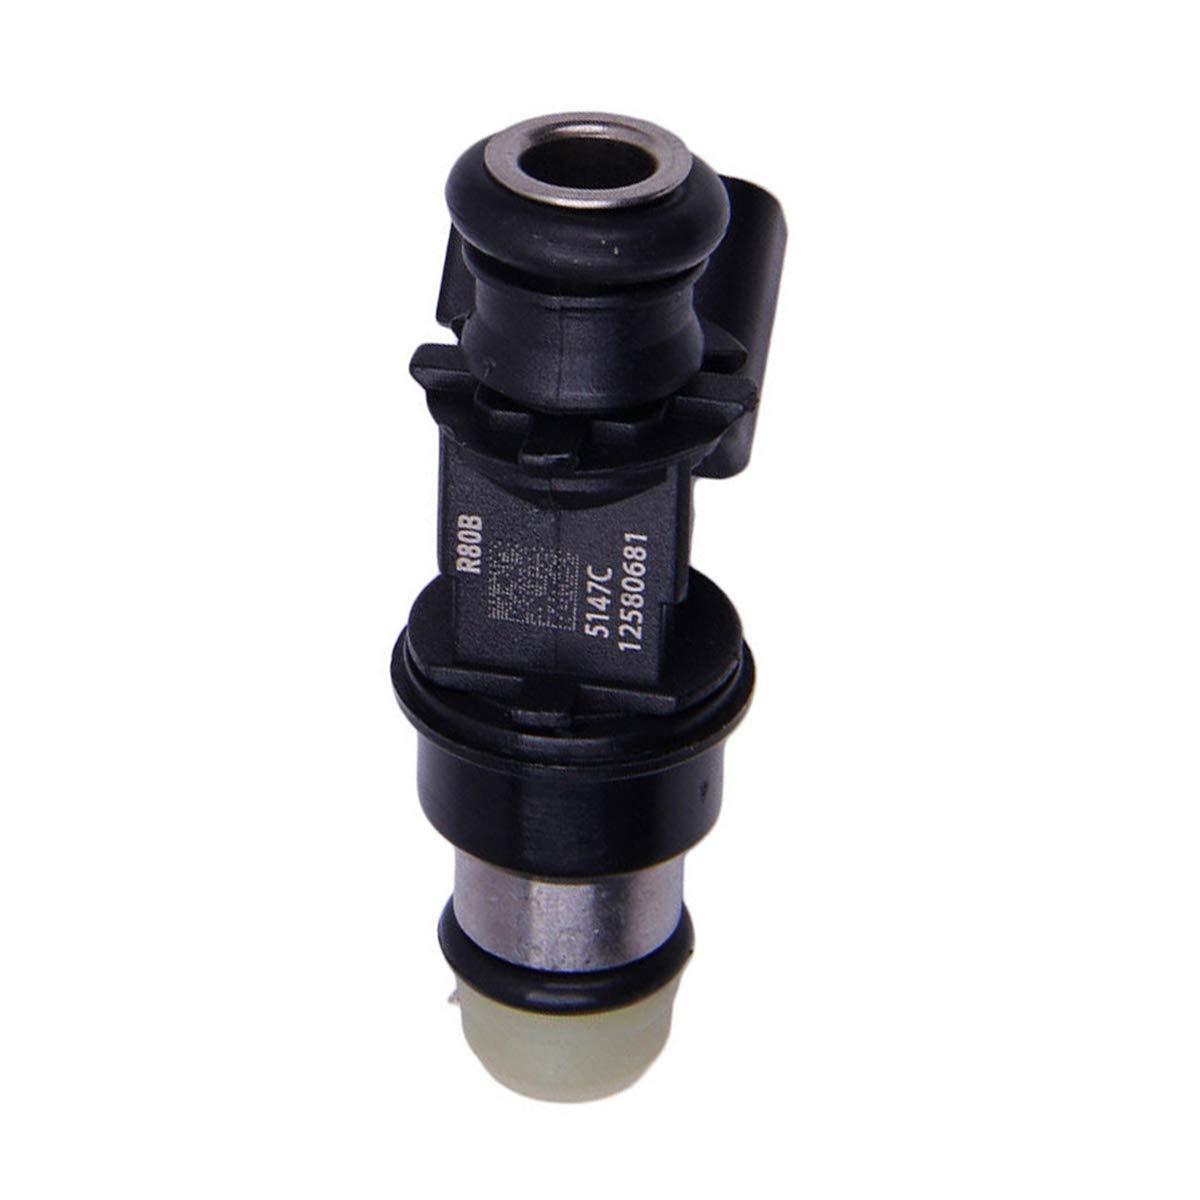 12580681 8125806810 2171621 FJ887 XWAUTOGJ Set Of 4 Fuel Injector Nozzles For 2007 2008 Chevrolet Silverado 3500 6.0L V8